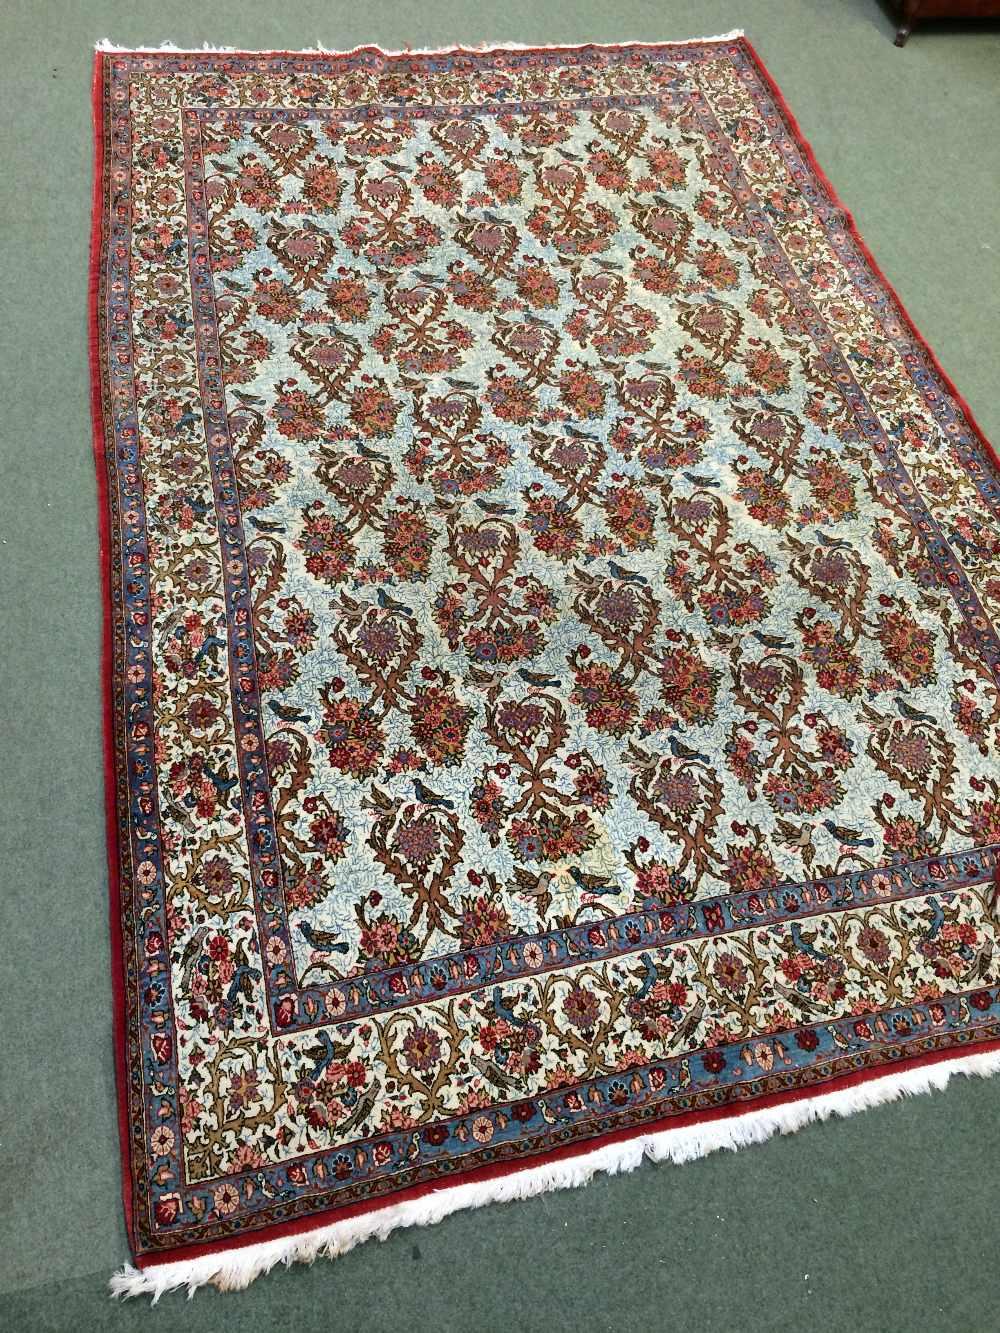 Lot 701 - Fine Qum Persian carpet circa 1930 3.33 X 2.24m